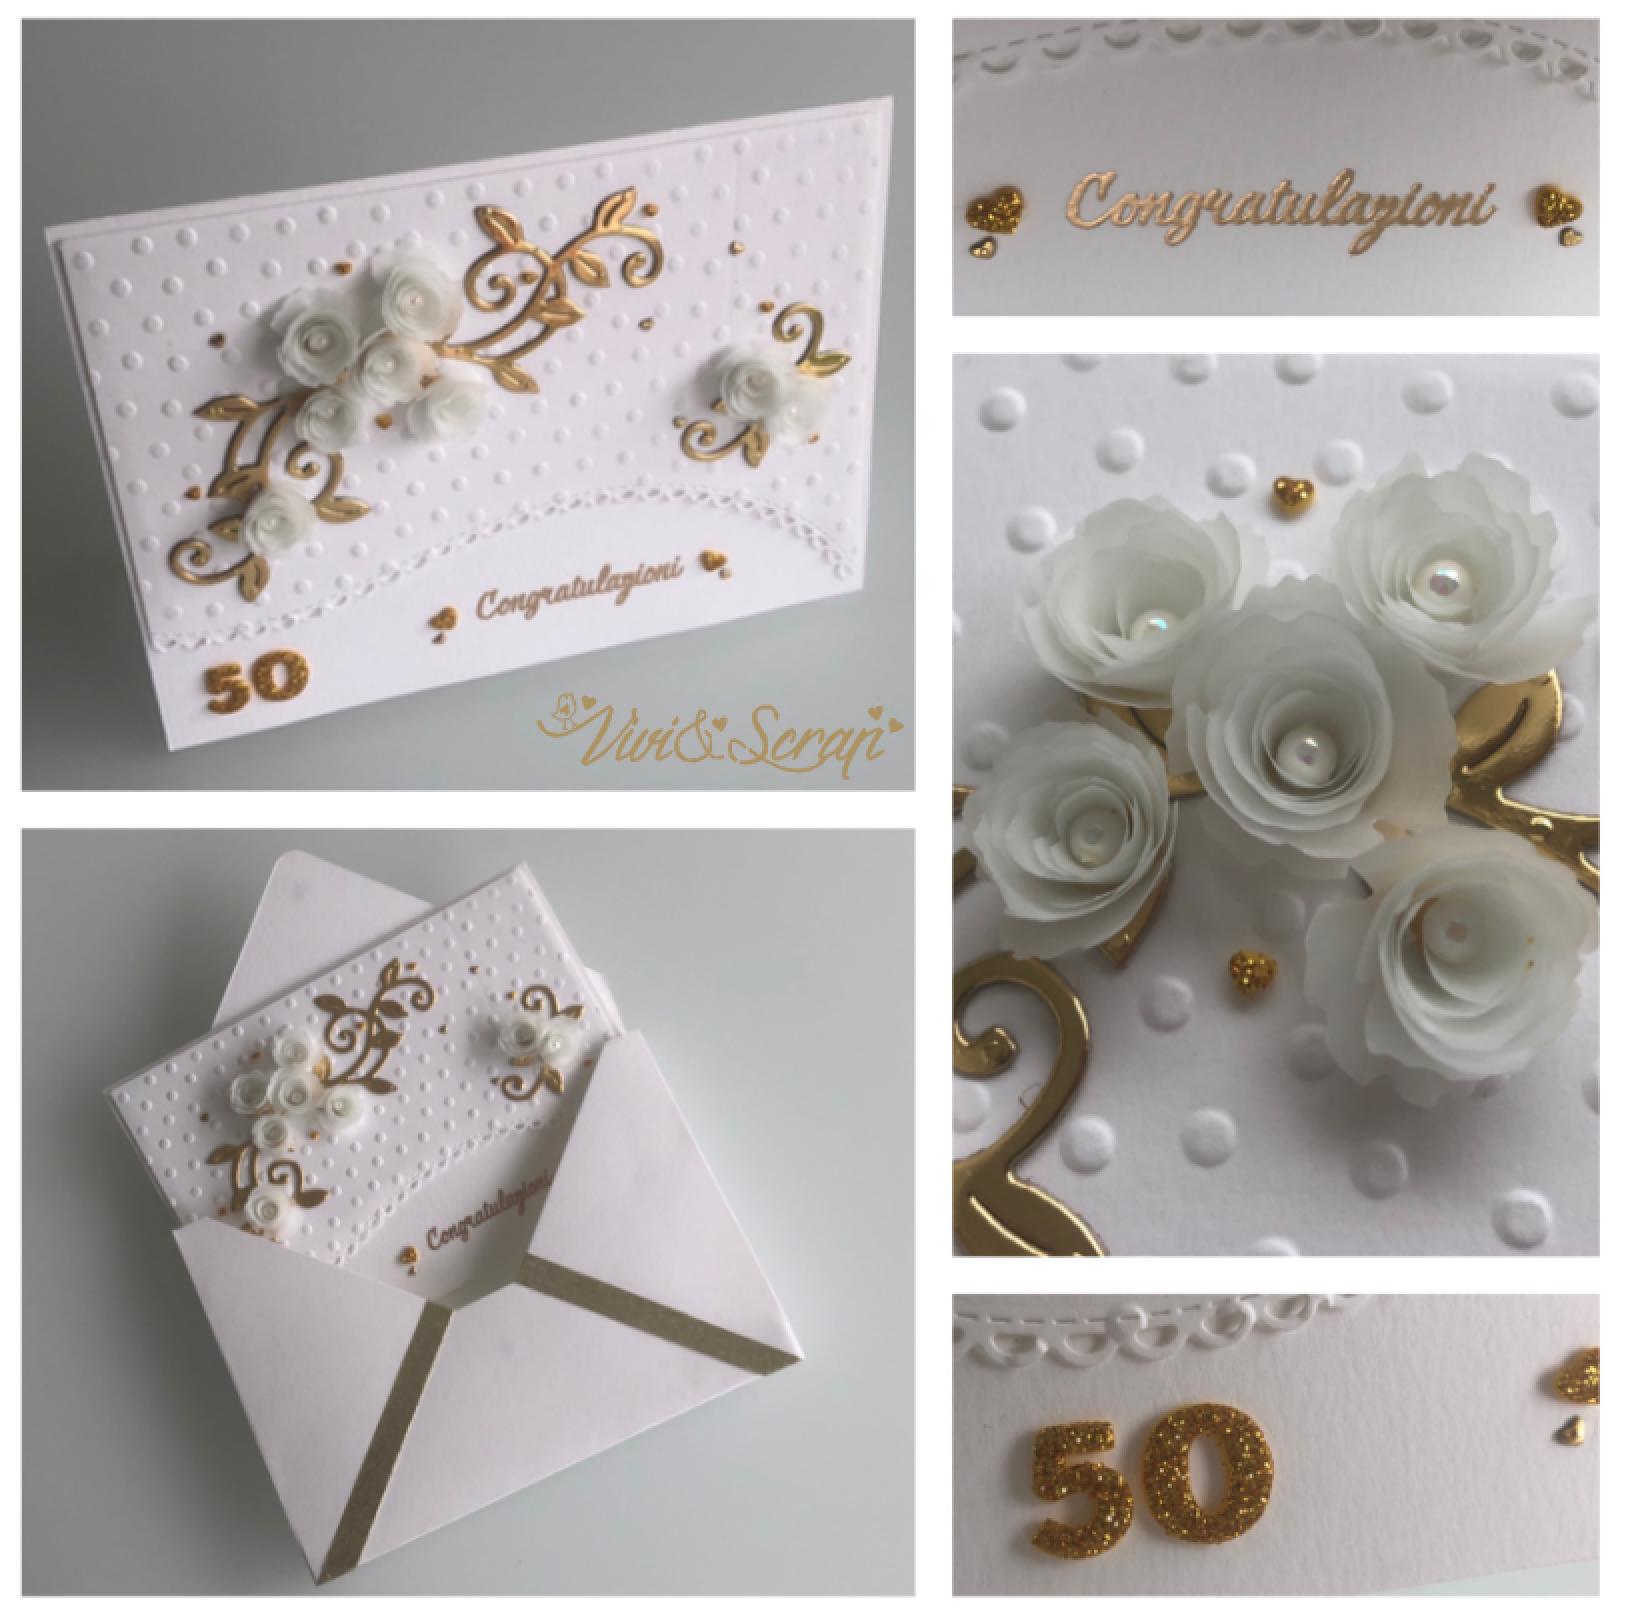 Scrapbooking 50th Wedding Card With Flowers And Envelope 3d Biglietti Di Nozze Matrimonio Con Fiori Envelope Punch Board